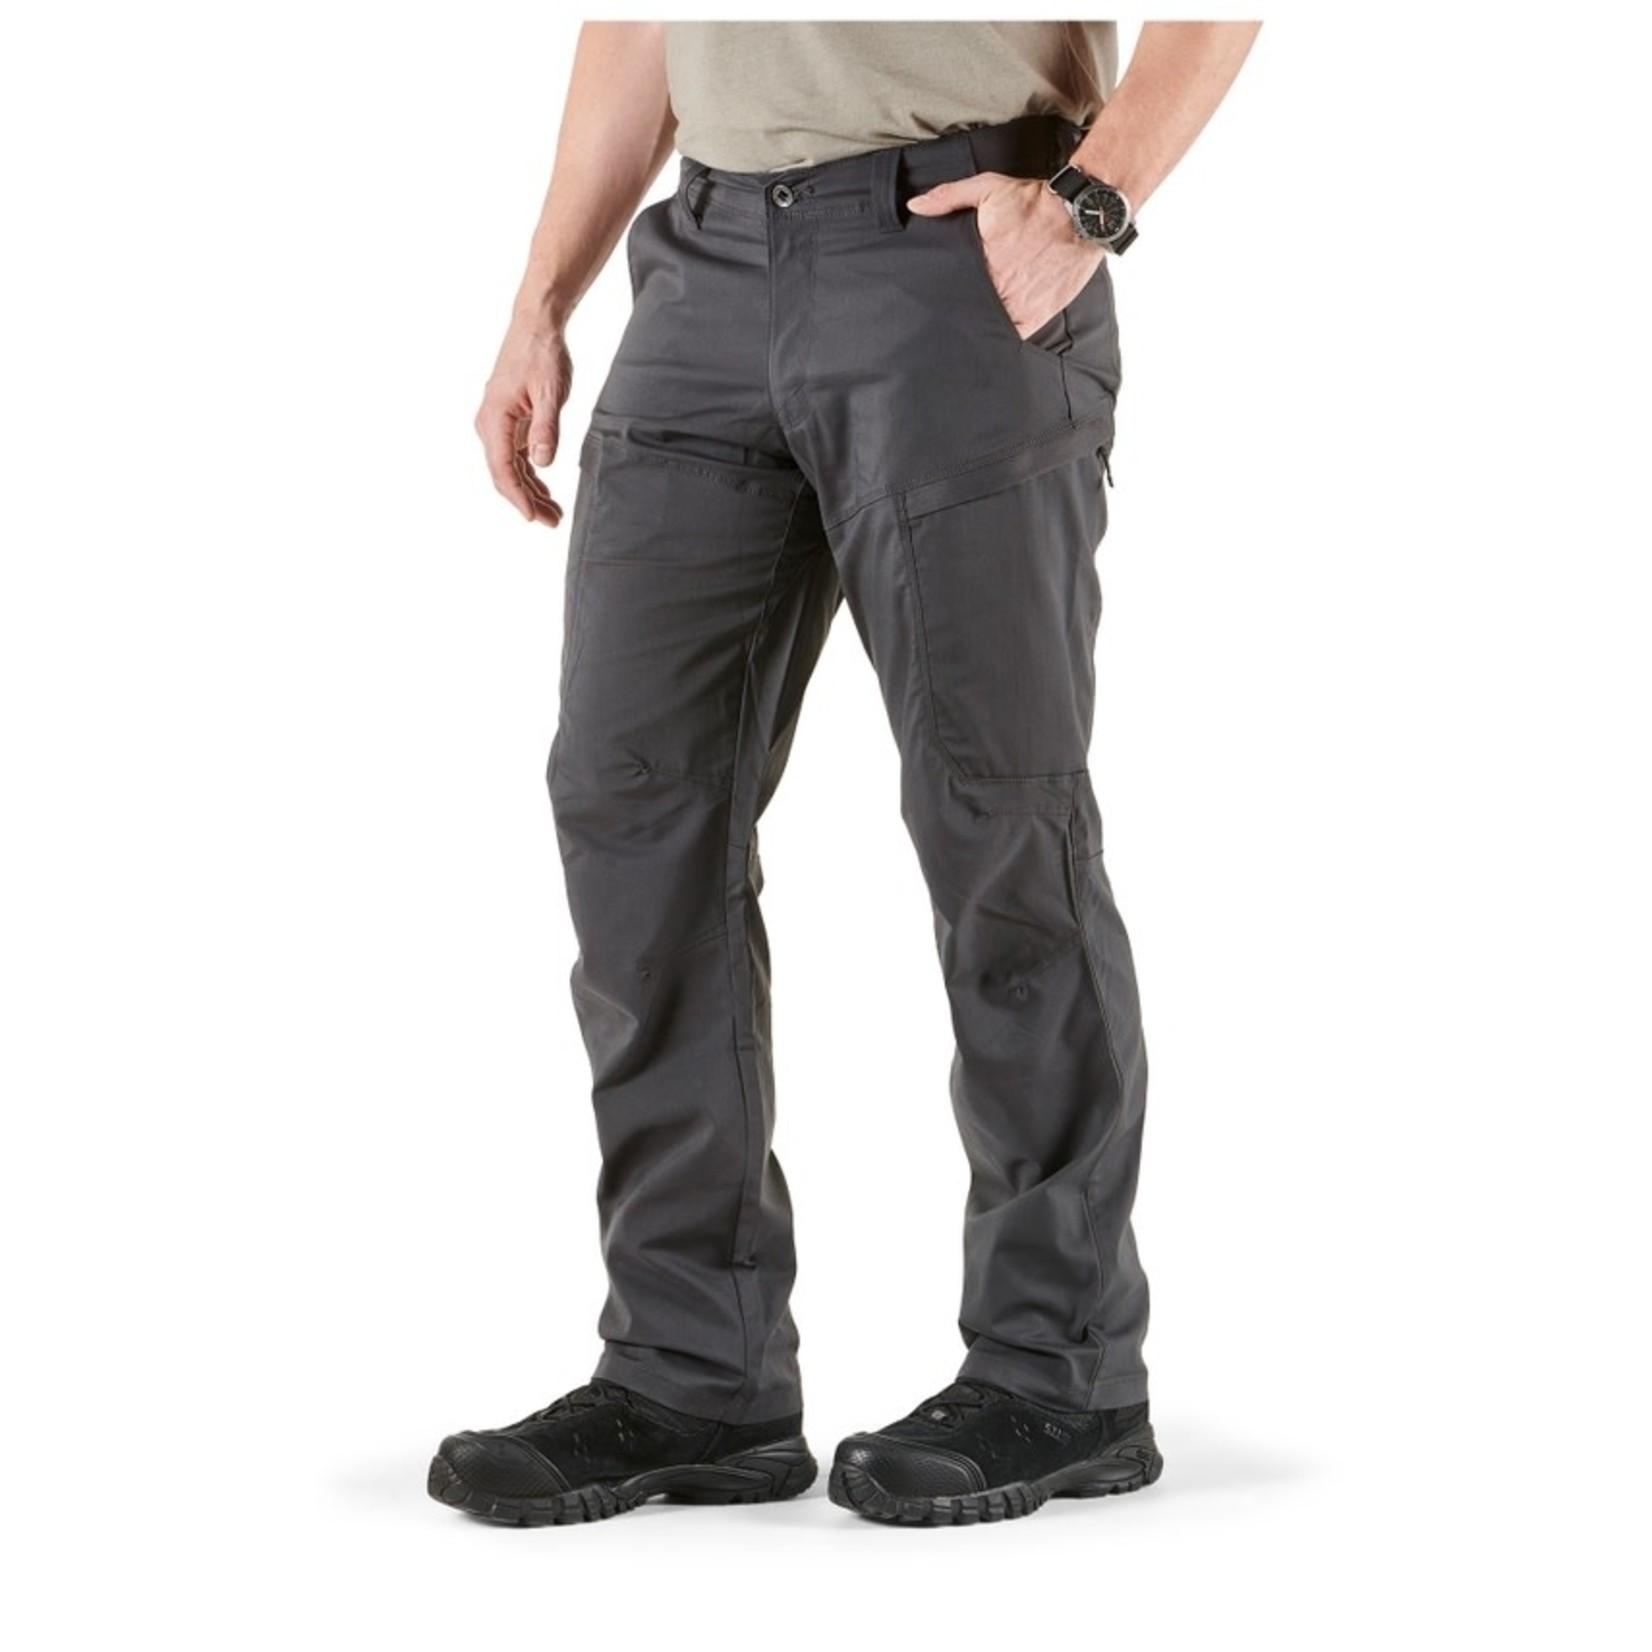 5.11 Tactical 5.11 Men's Apex Pants